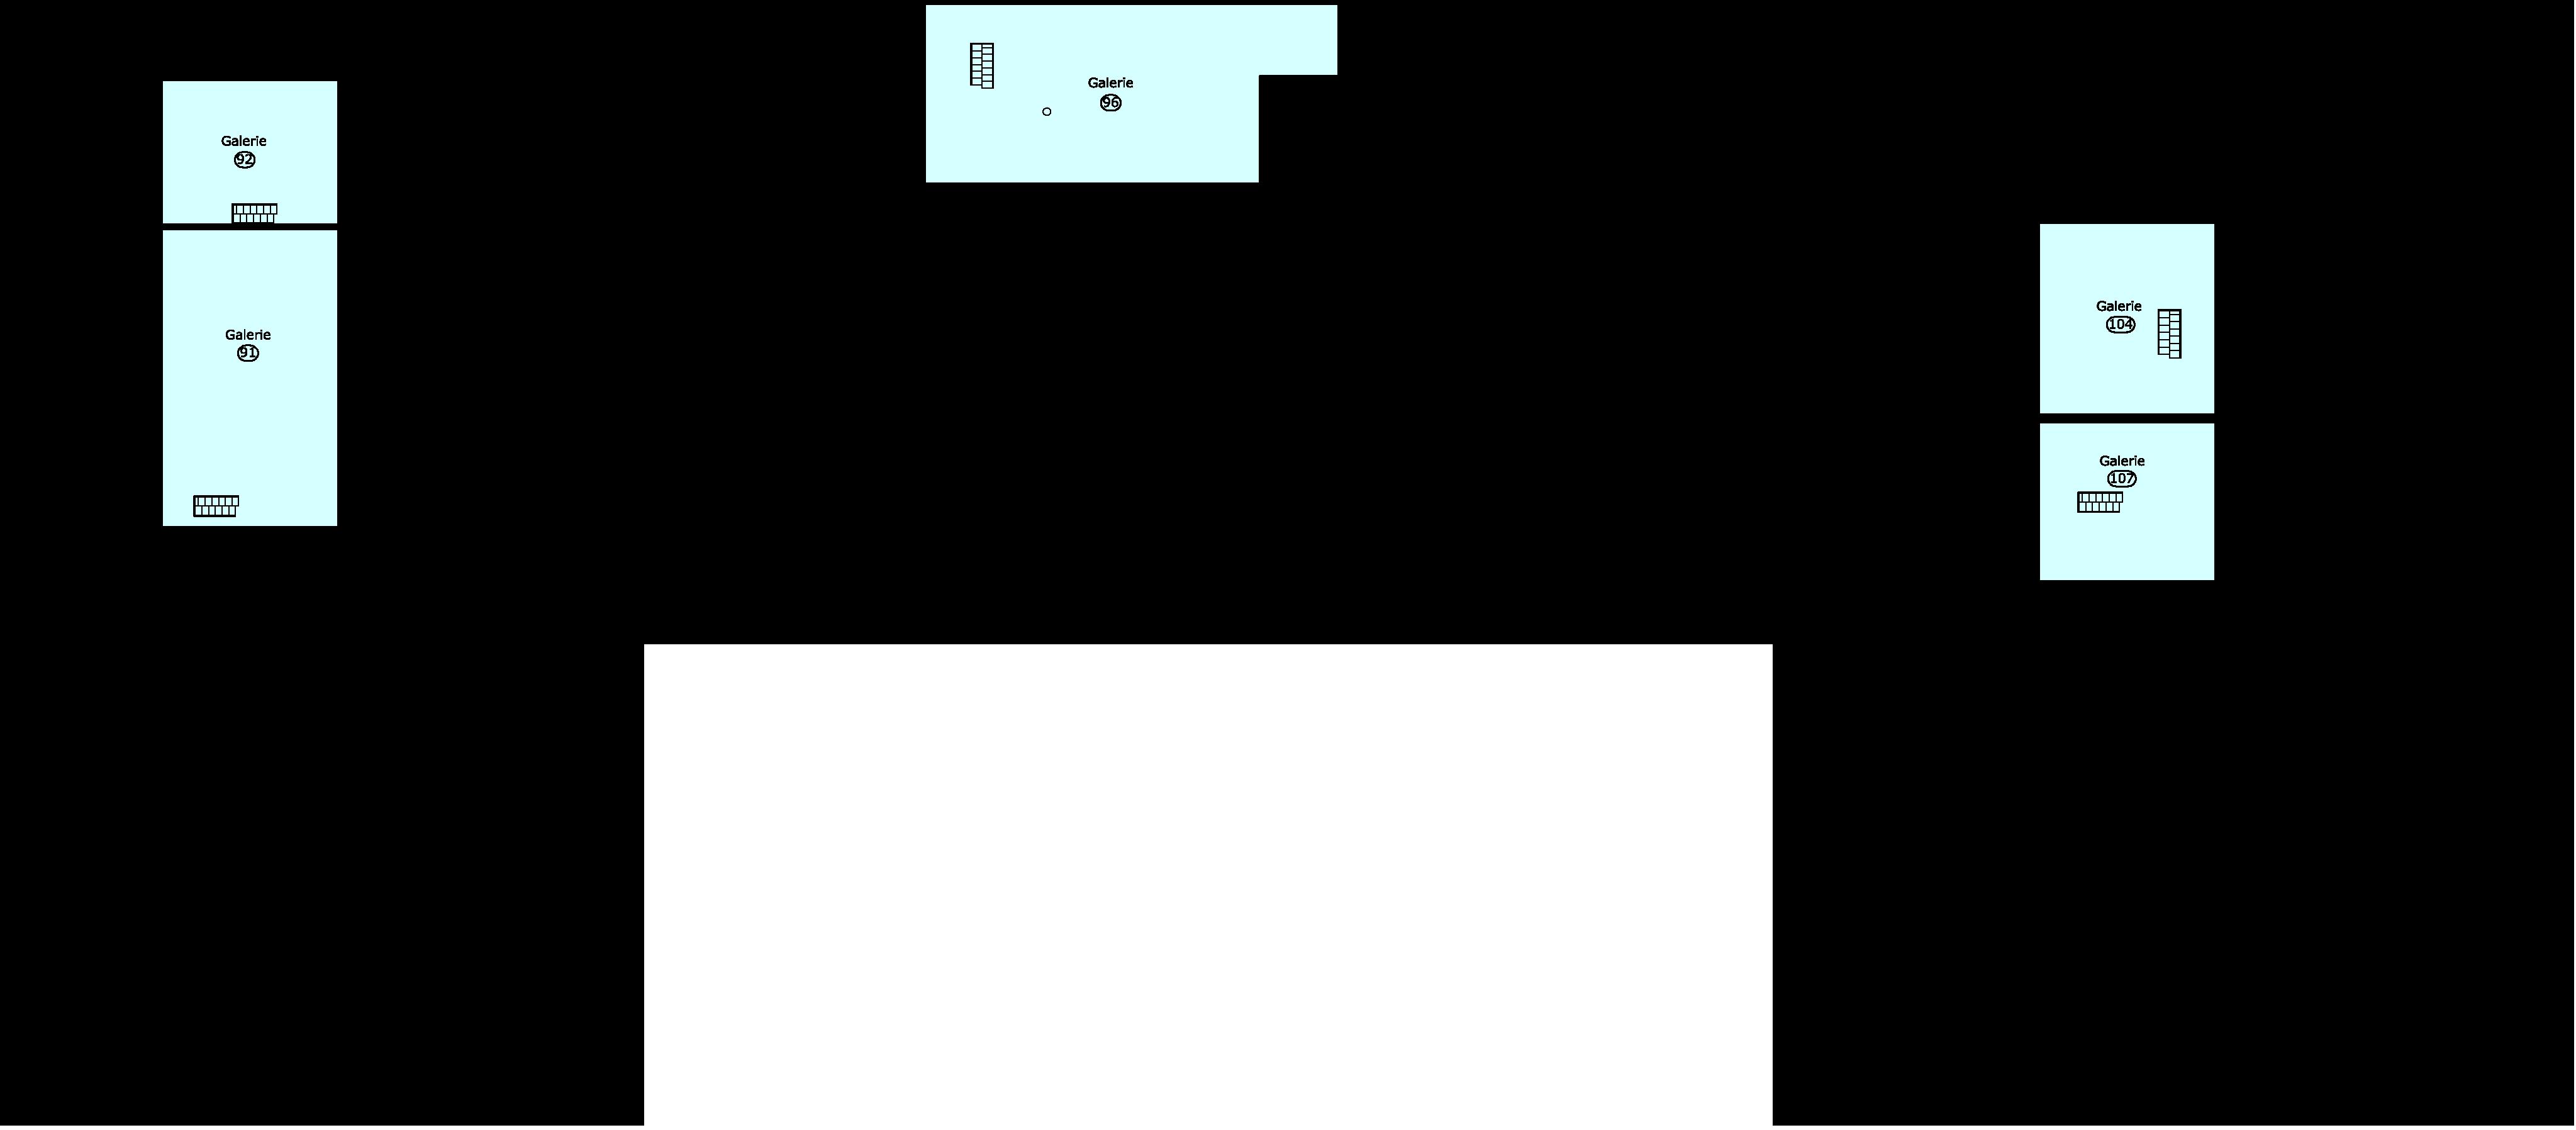 Immobilie, Vermietung und Verkauf von Büro und Gewerbeflächen, Dienstwohnungen sowie Lagerflächen und Magazin. Direktverkauf Baufirma Schweigkofler aus Südtirol.